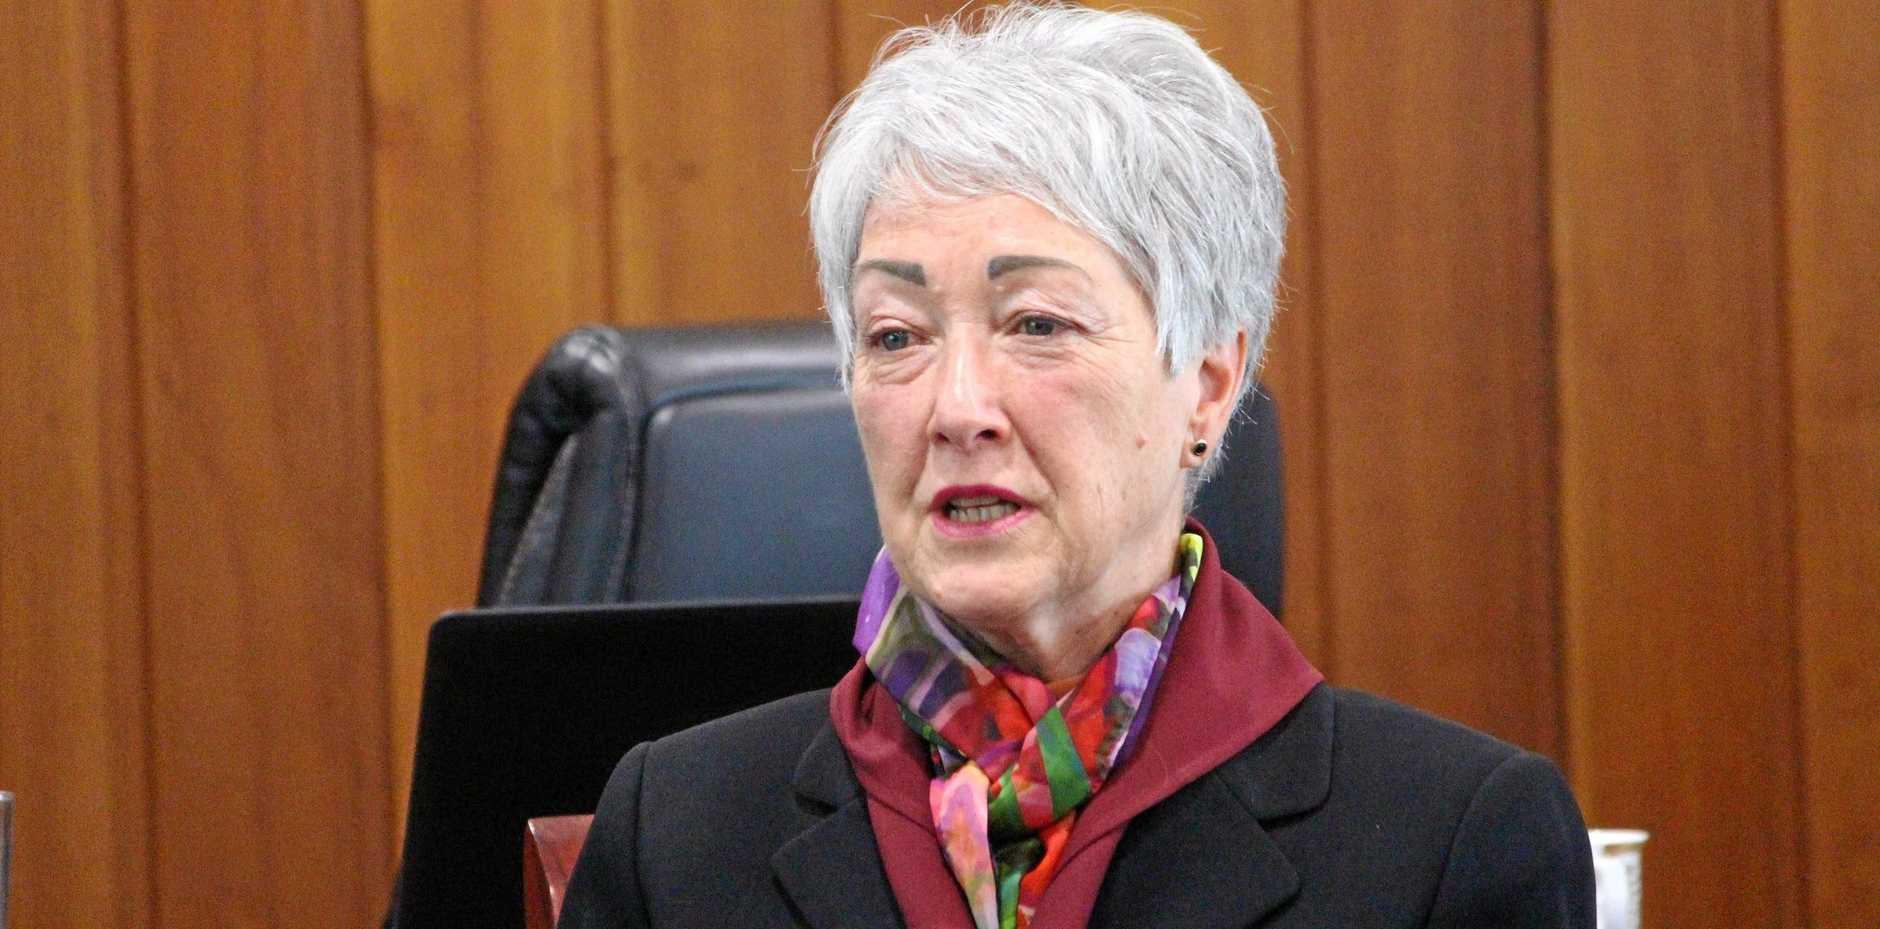 Mayor Tracy Dobie